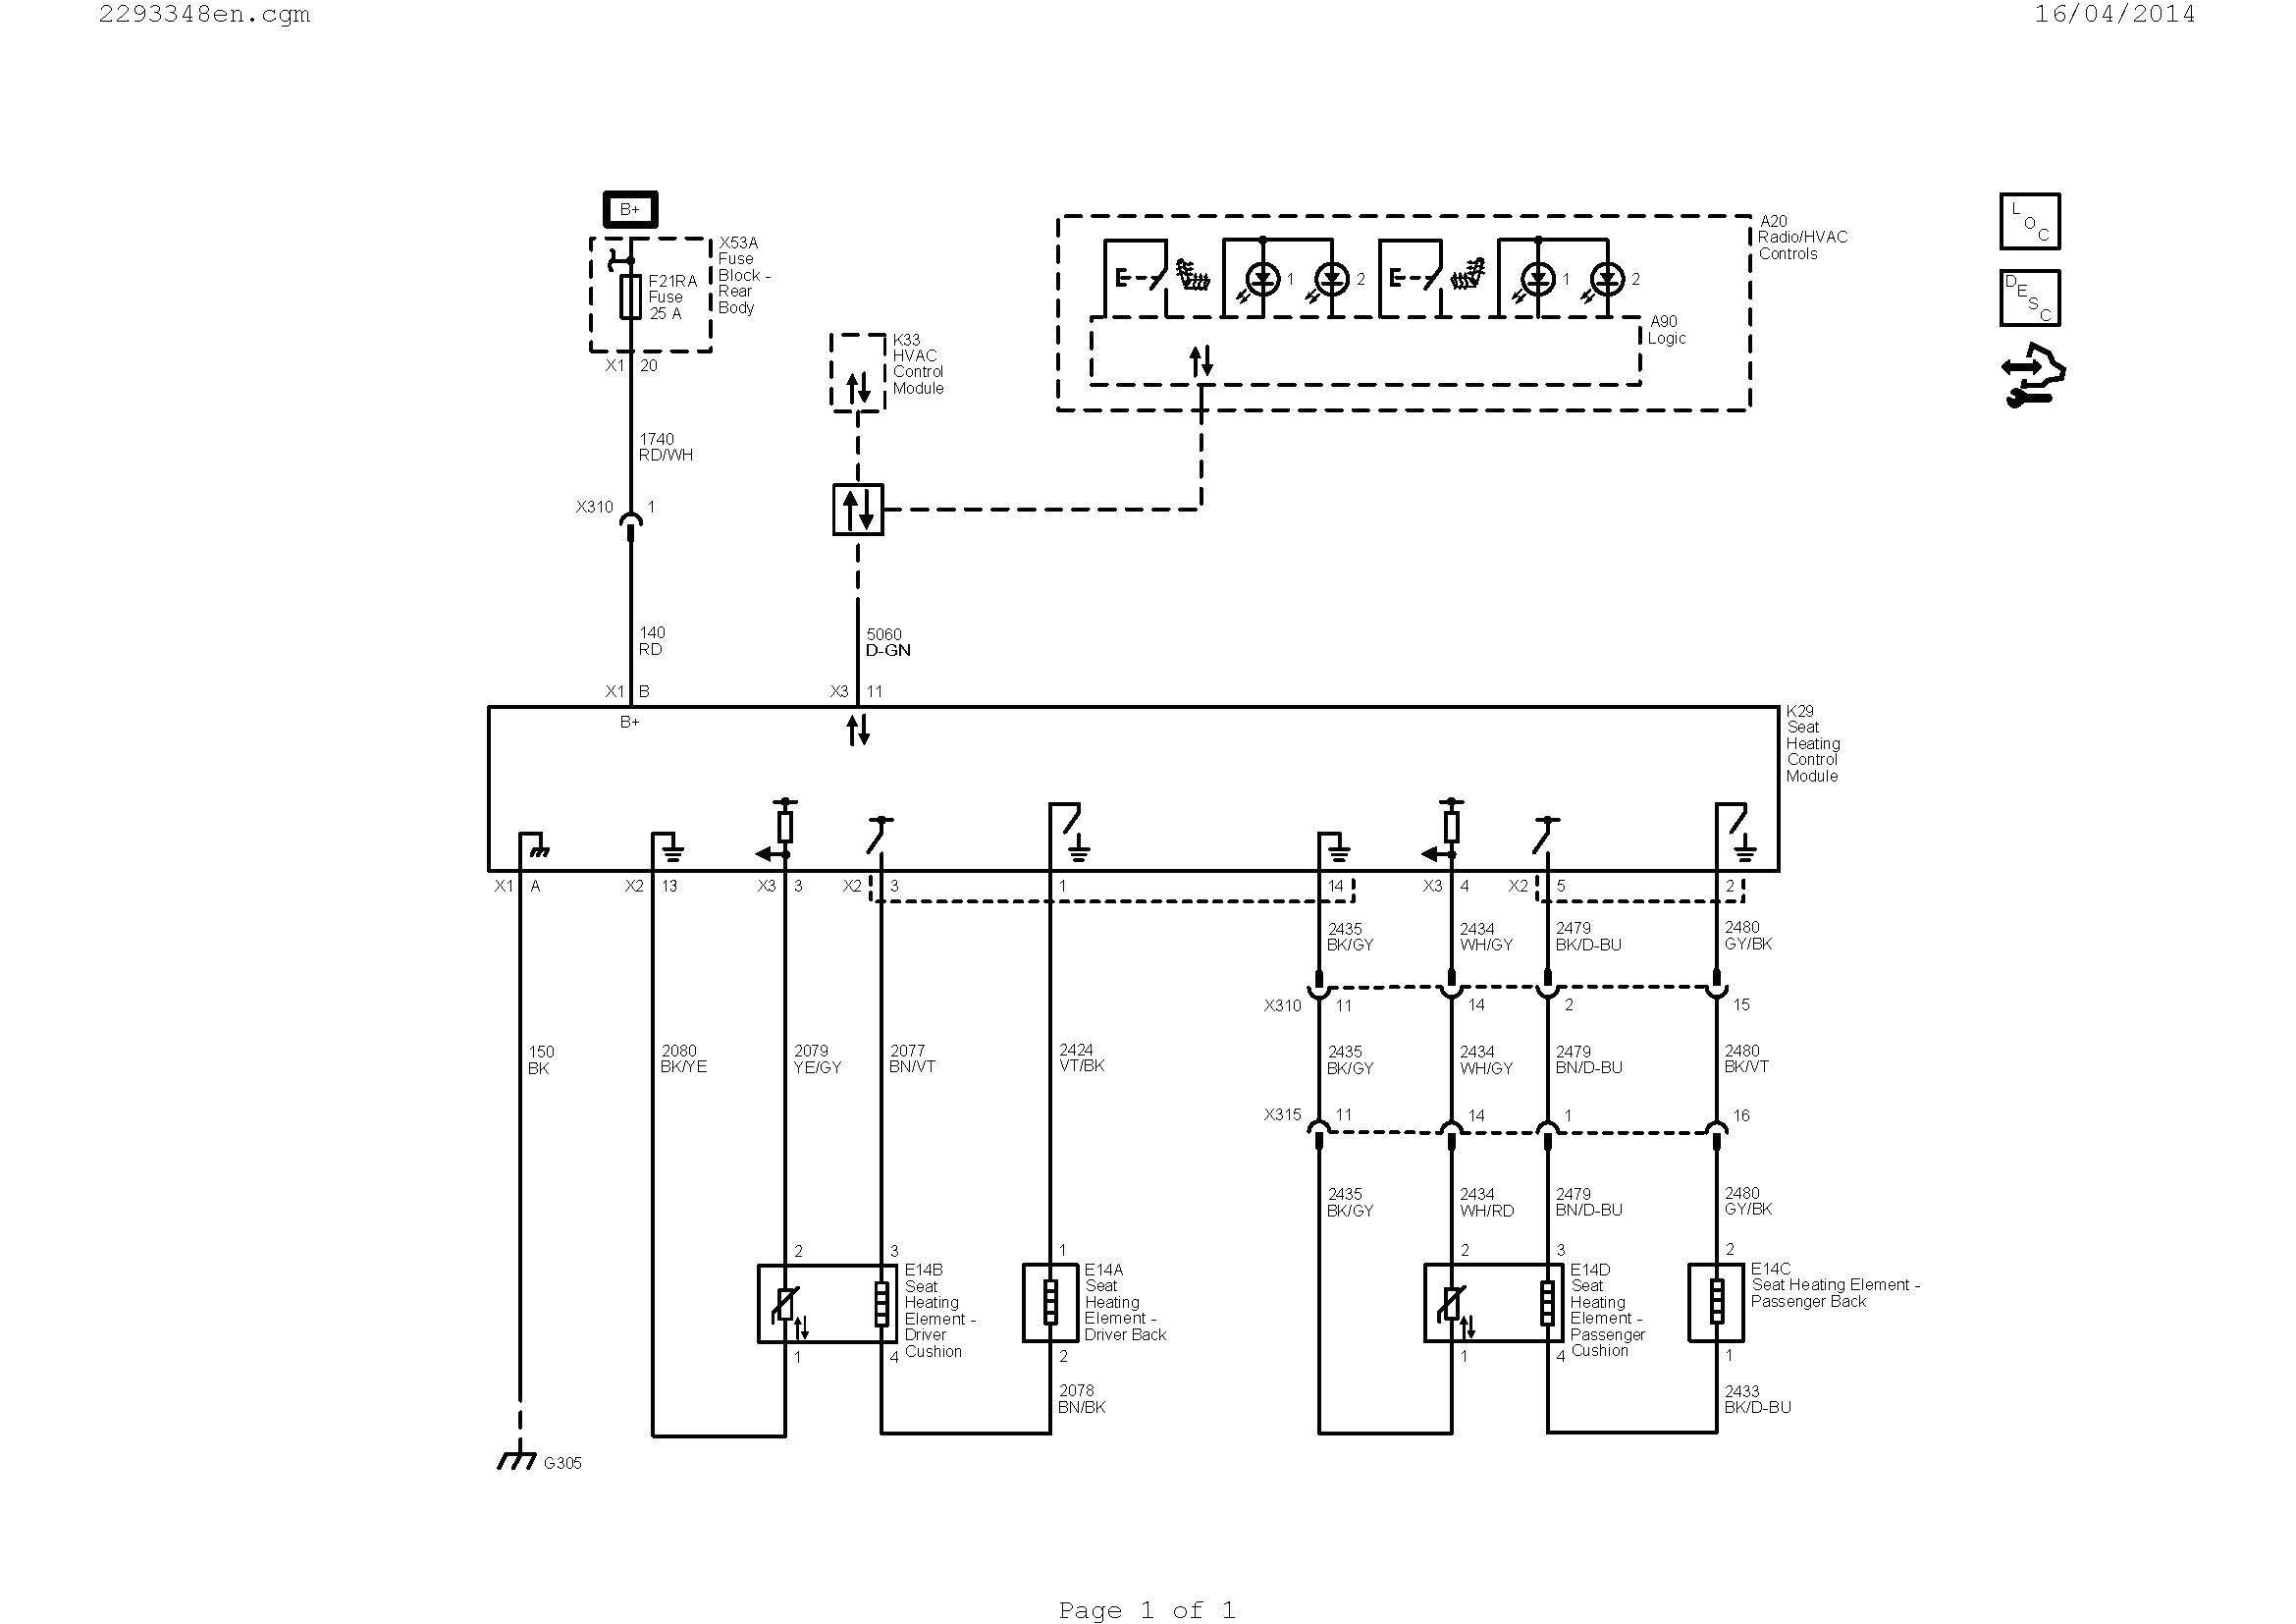 bmw x3 stereo wiring schema diagram database 2004 bmw x3 starter wiring diagram 2004 bmw x3 wiring diagram